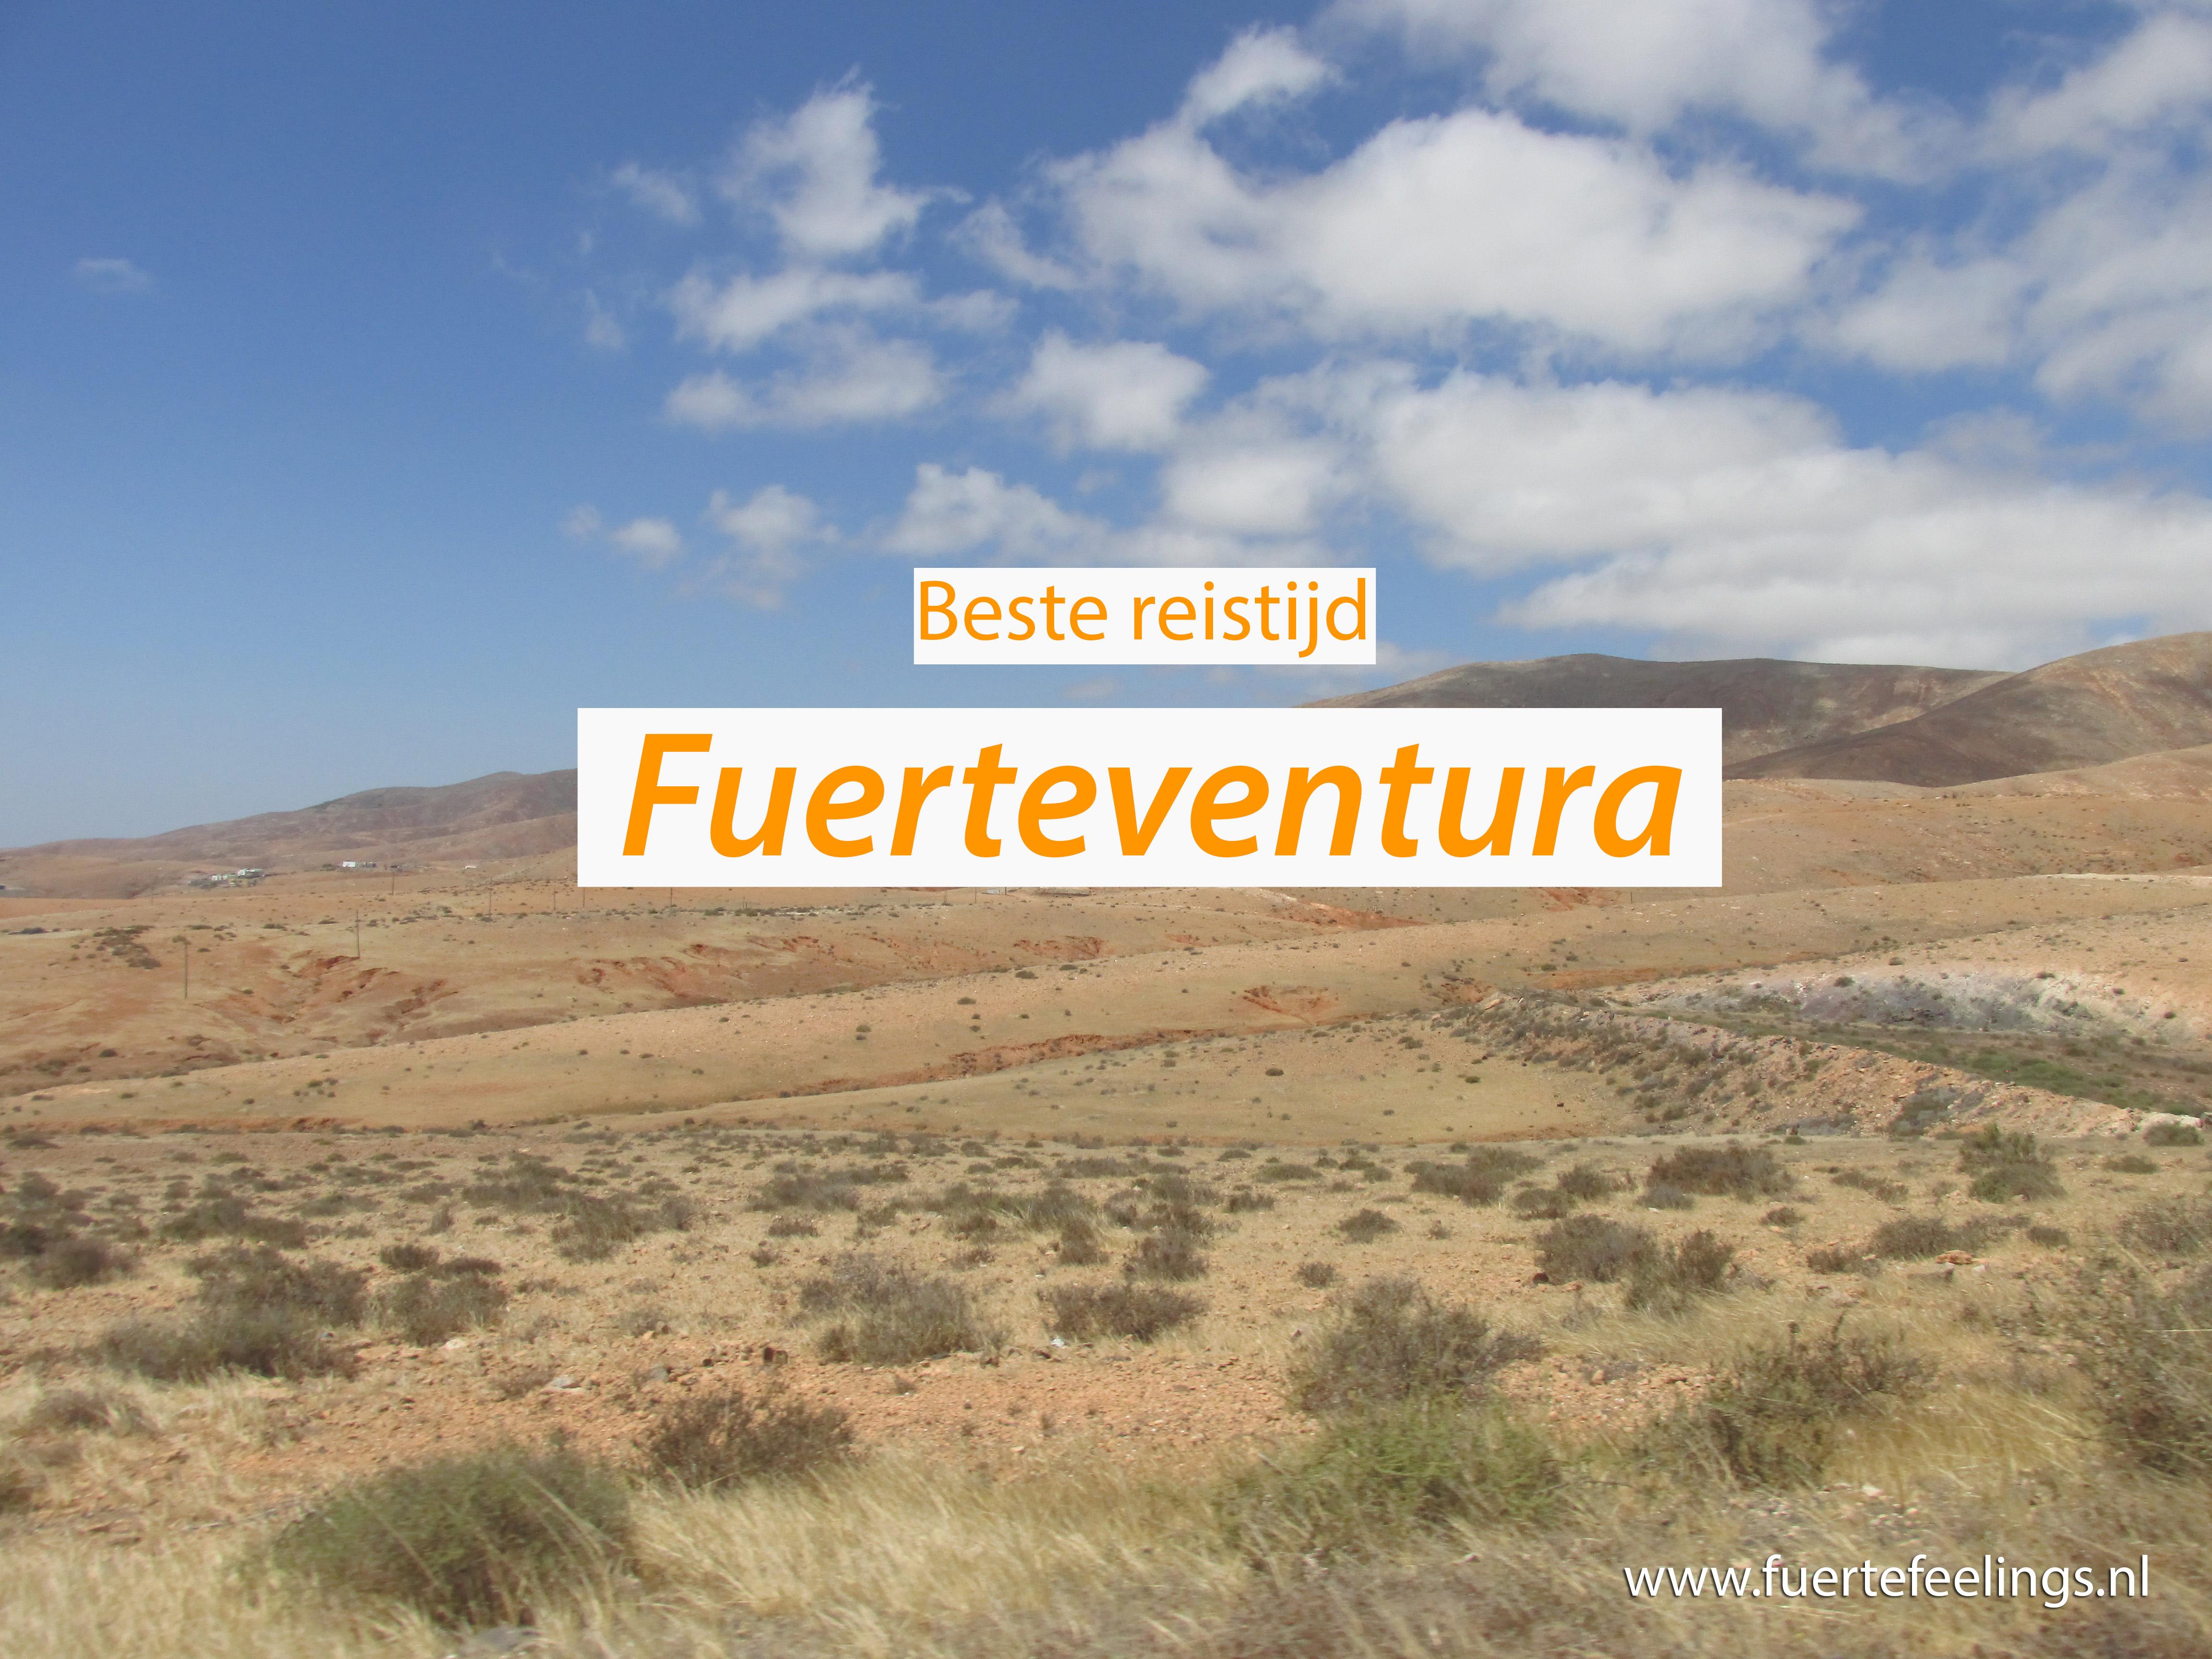 Beste reistijd Fuerteventura